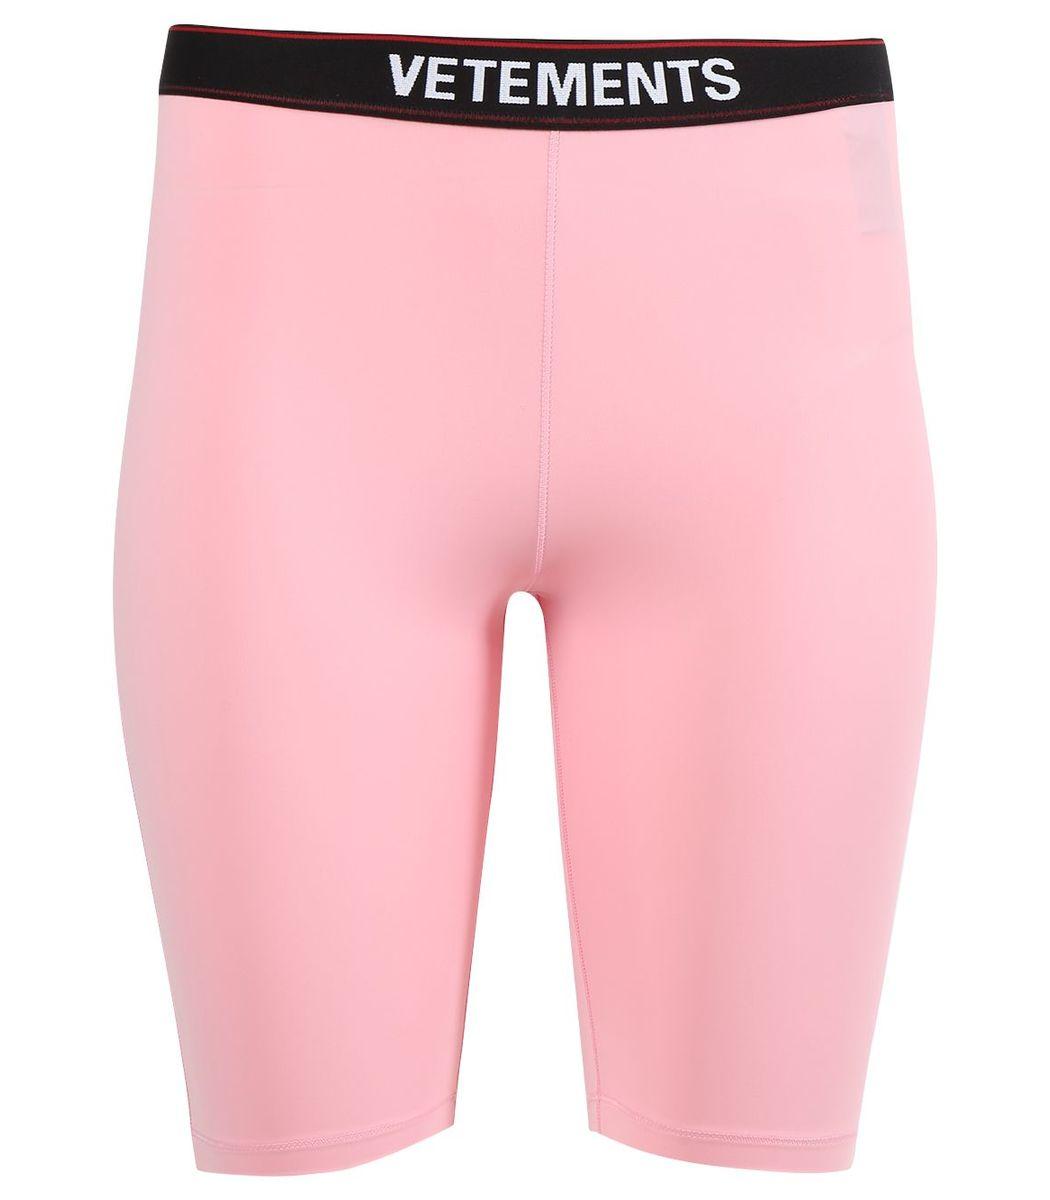 Vetements Baby Pink Cycling Shorts